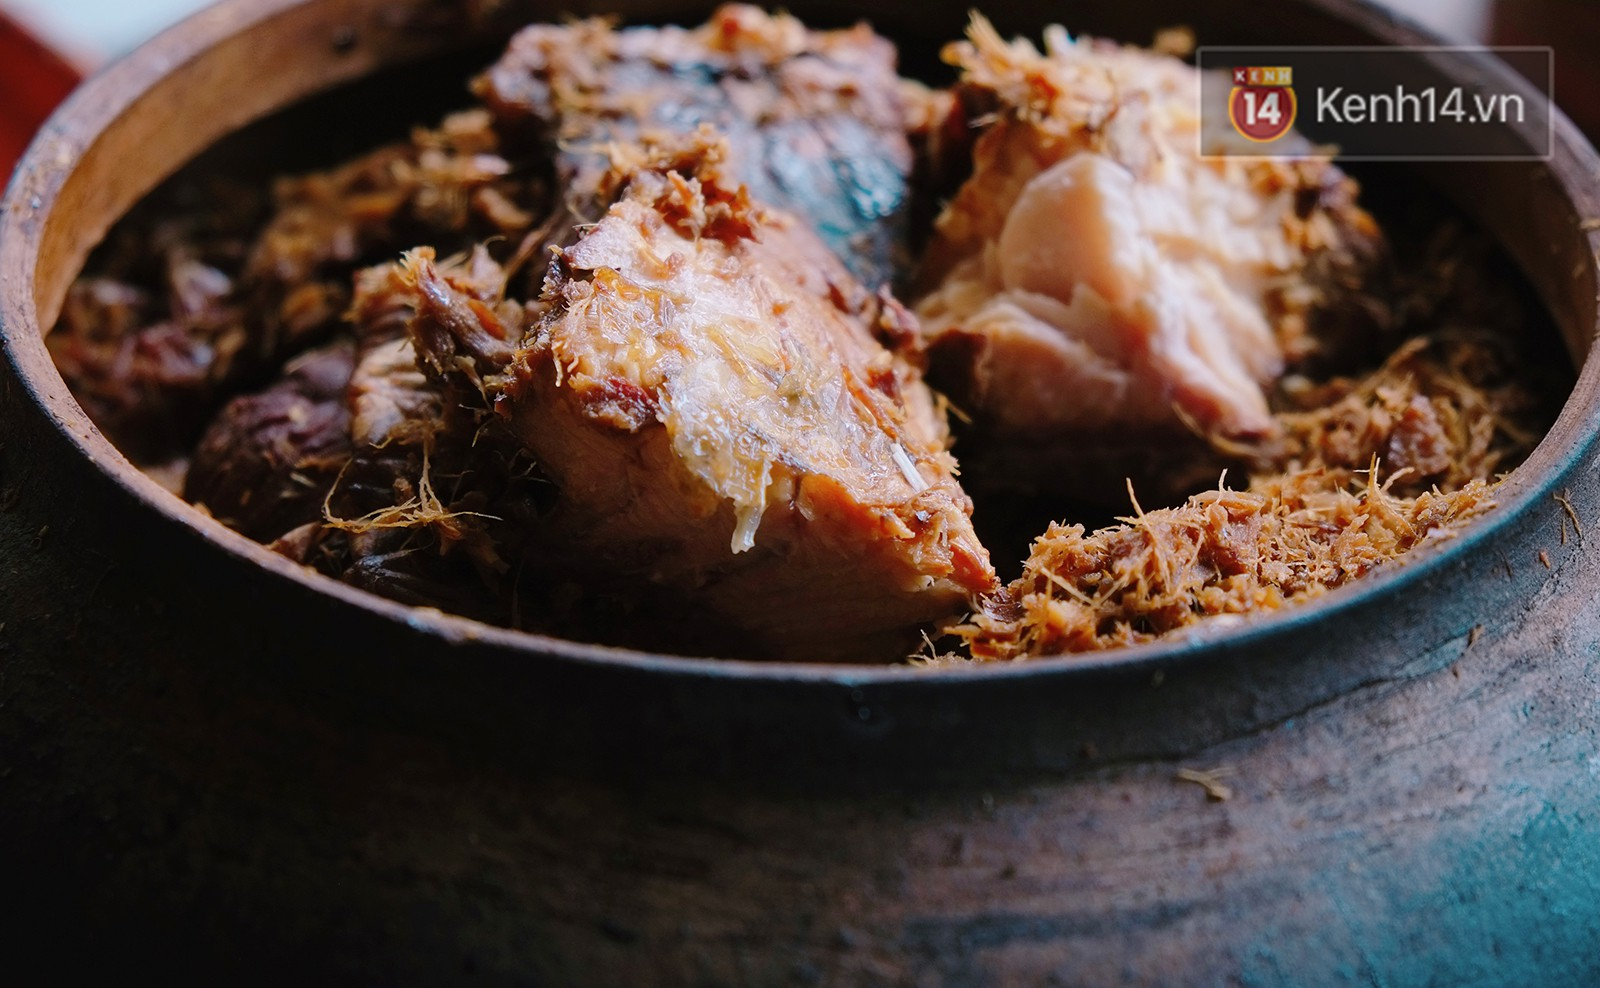 Đập hộp niêu cá kho có giá 1,2 triệu đồng và đây là những lý do khiến món cá kho này đắt đỏ như vậy - Ảnh 6.